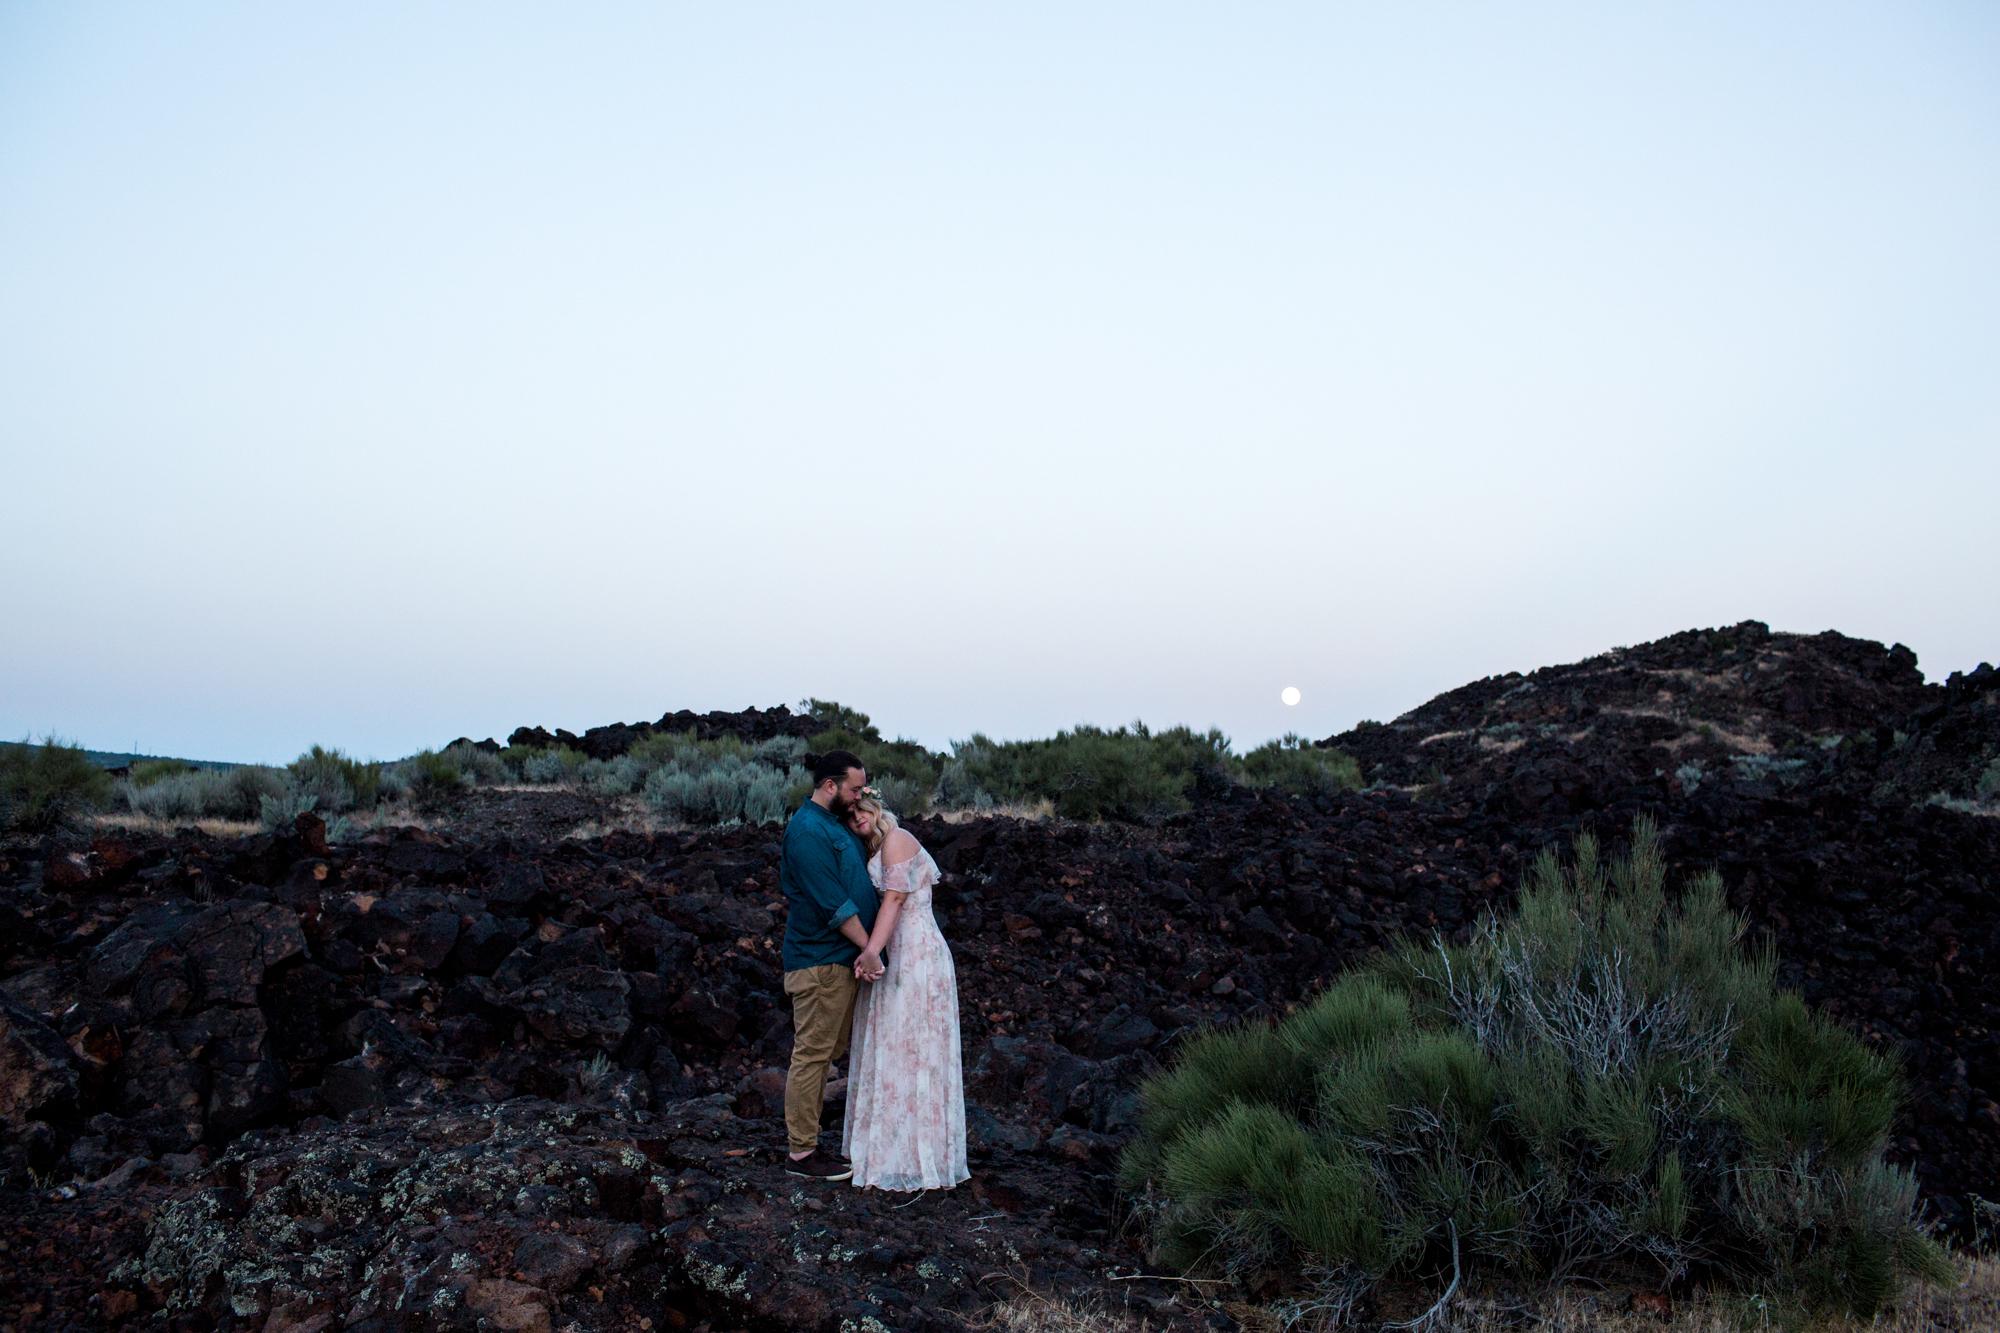 Kelcie-Ryan-Engagements-247.jpg